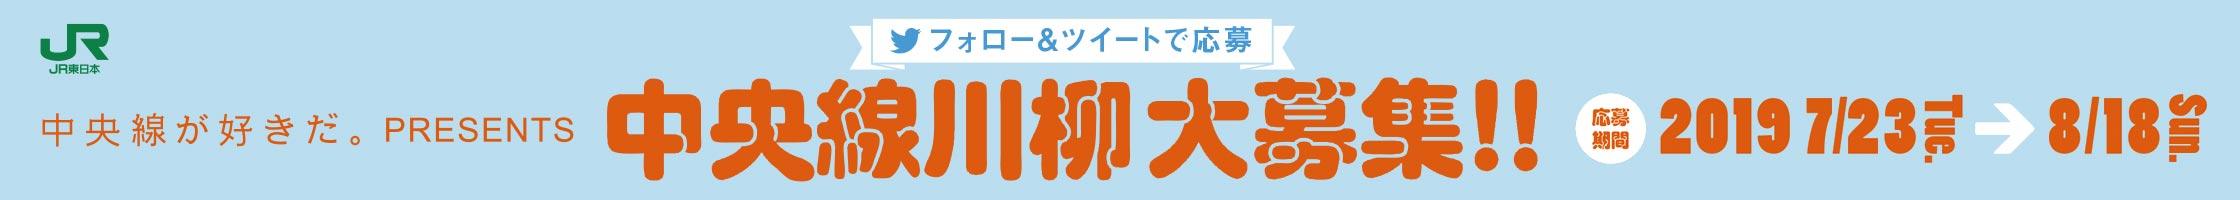 中央線が好きだ。PRESENTS 中央線川柳大募集!! 応募期間 2019 7/23 Tue. → 8/18 Sun.